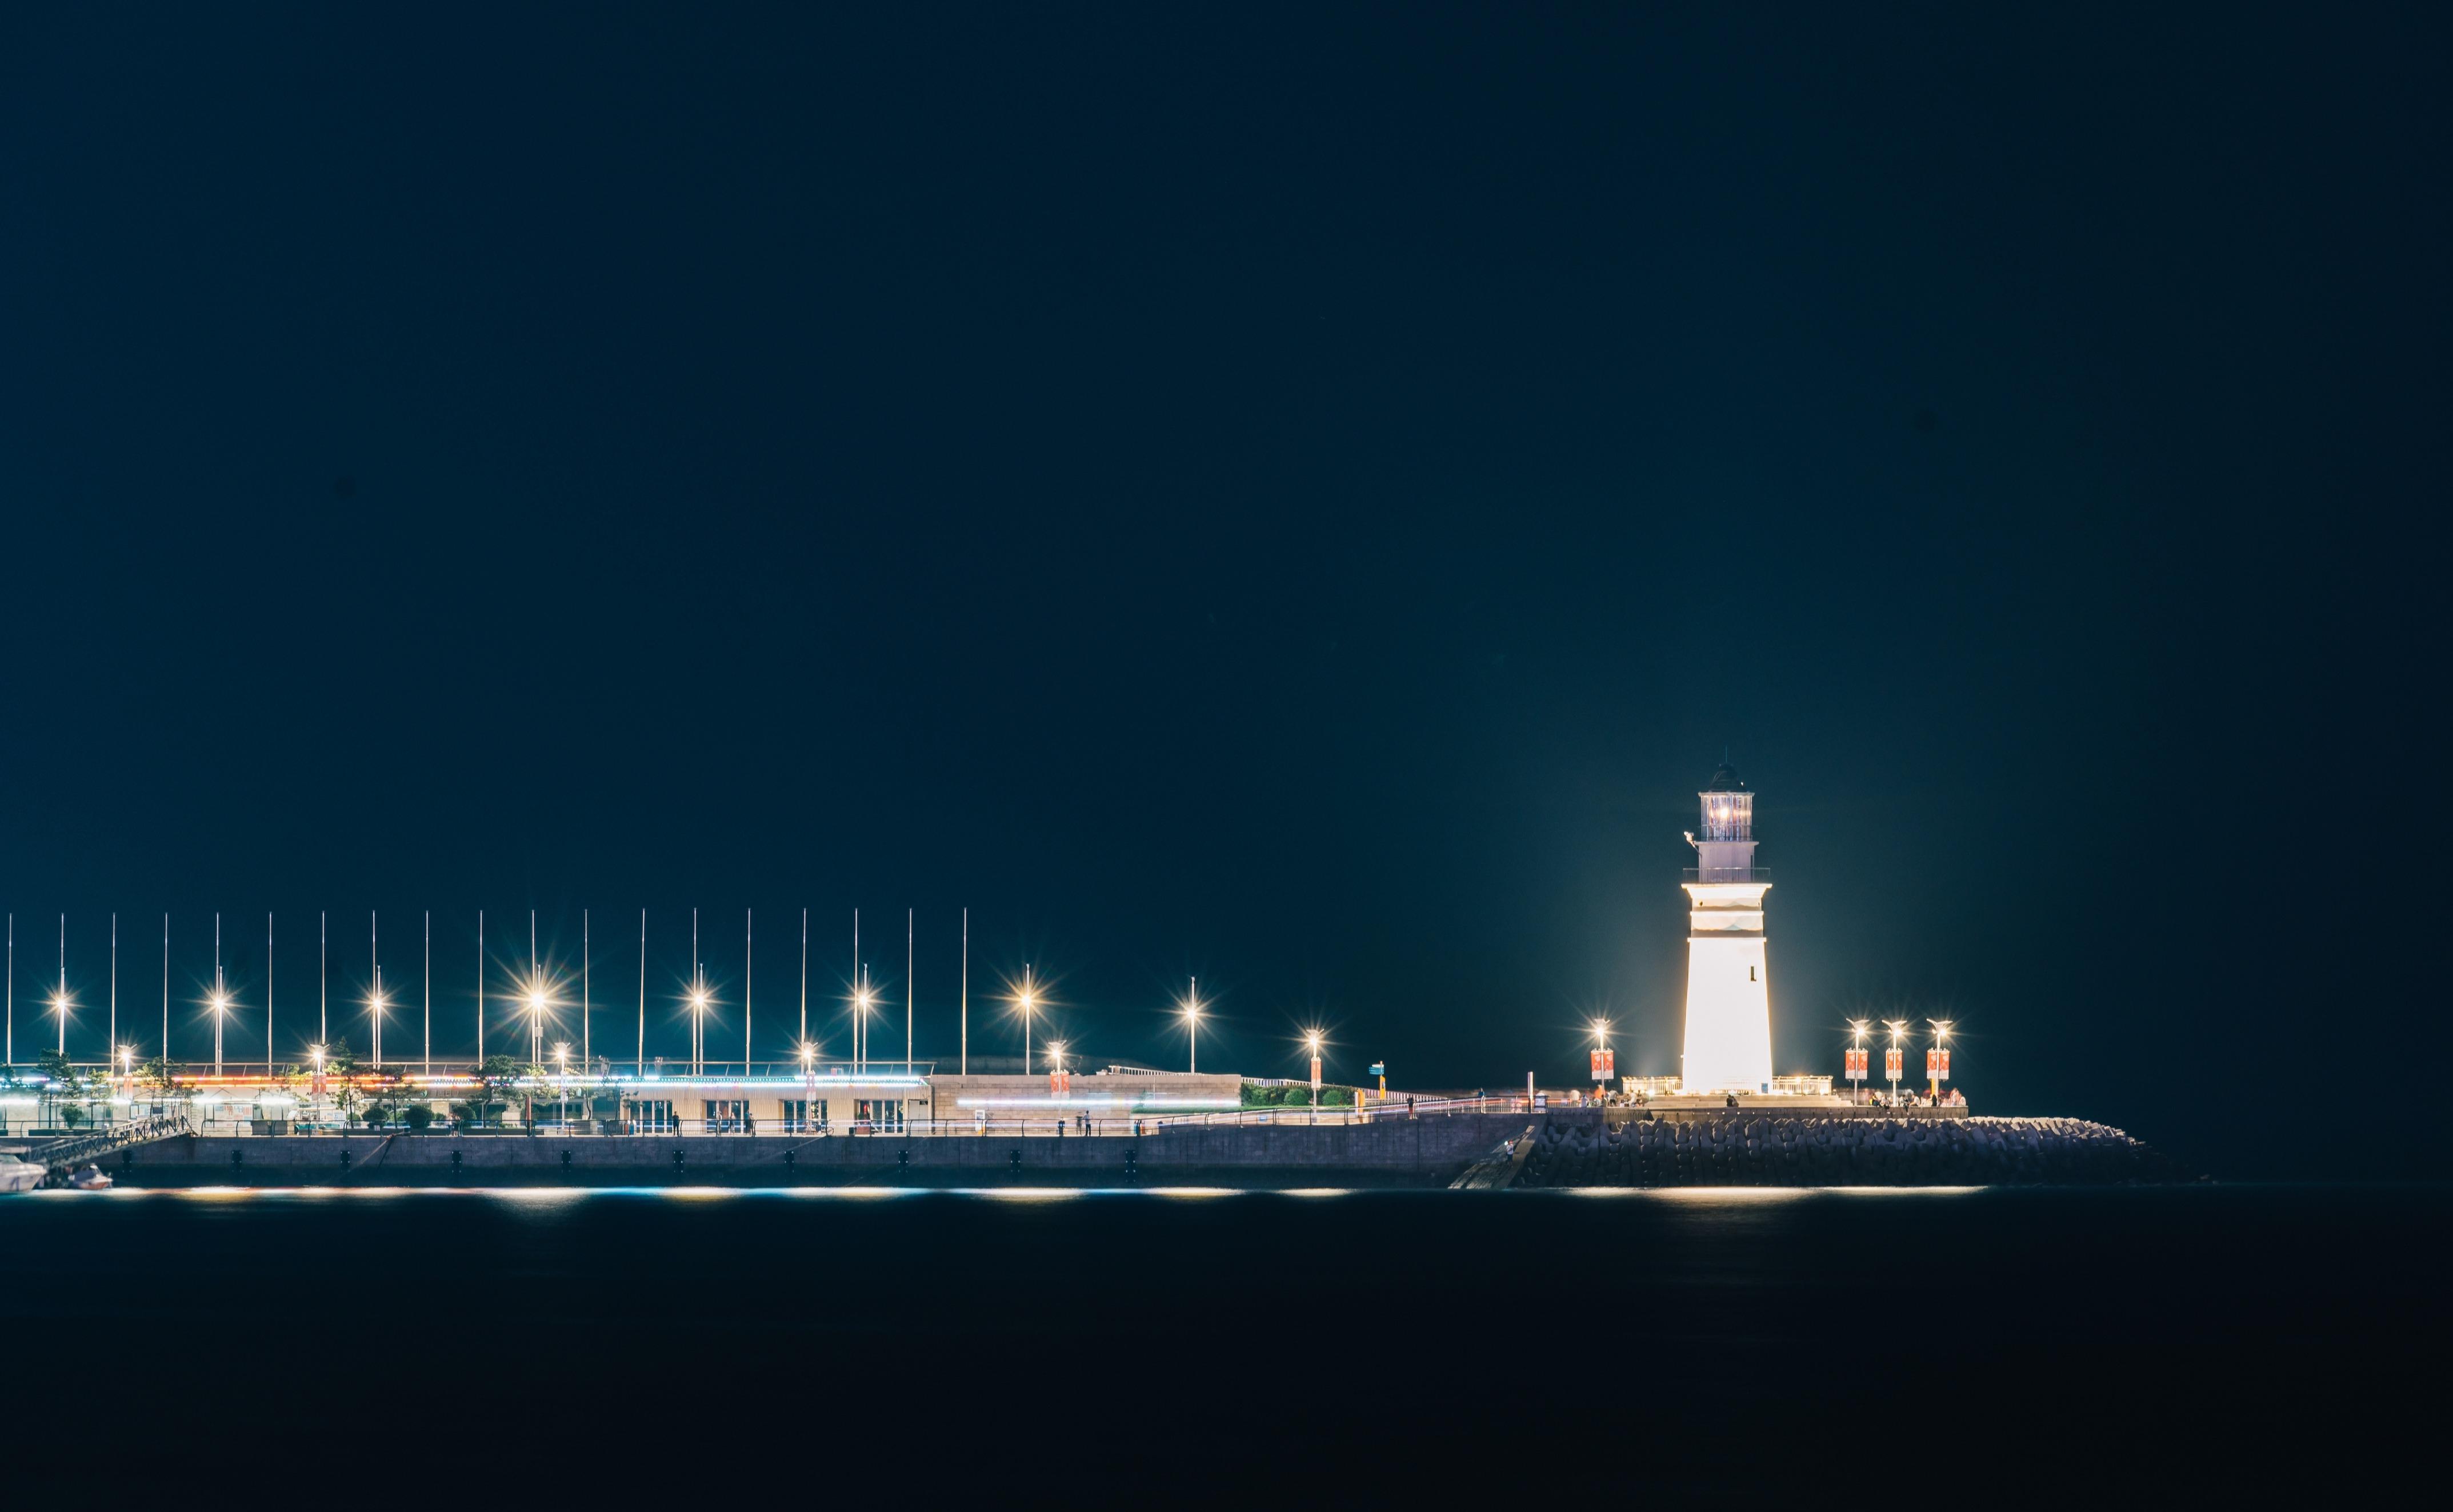 小青岛灯塔:琴屿飘灯,照亮心中的光